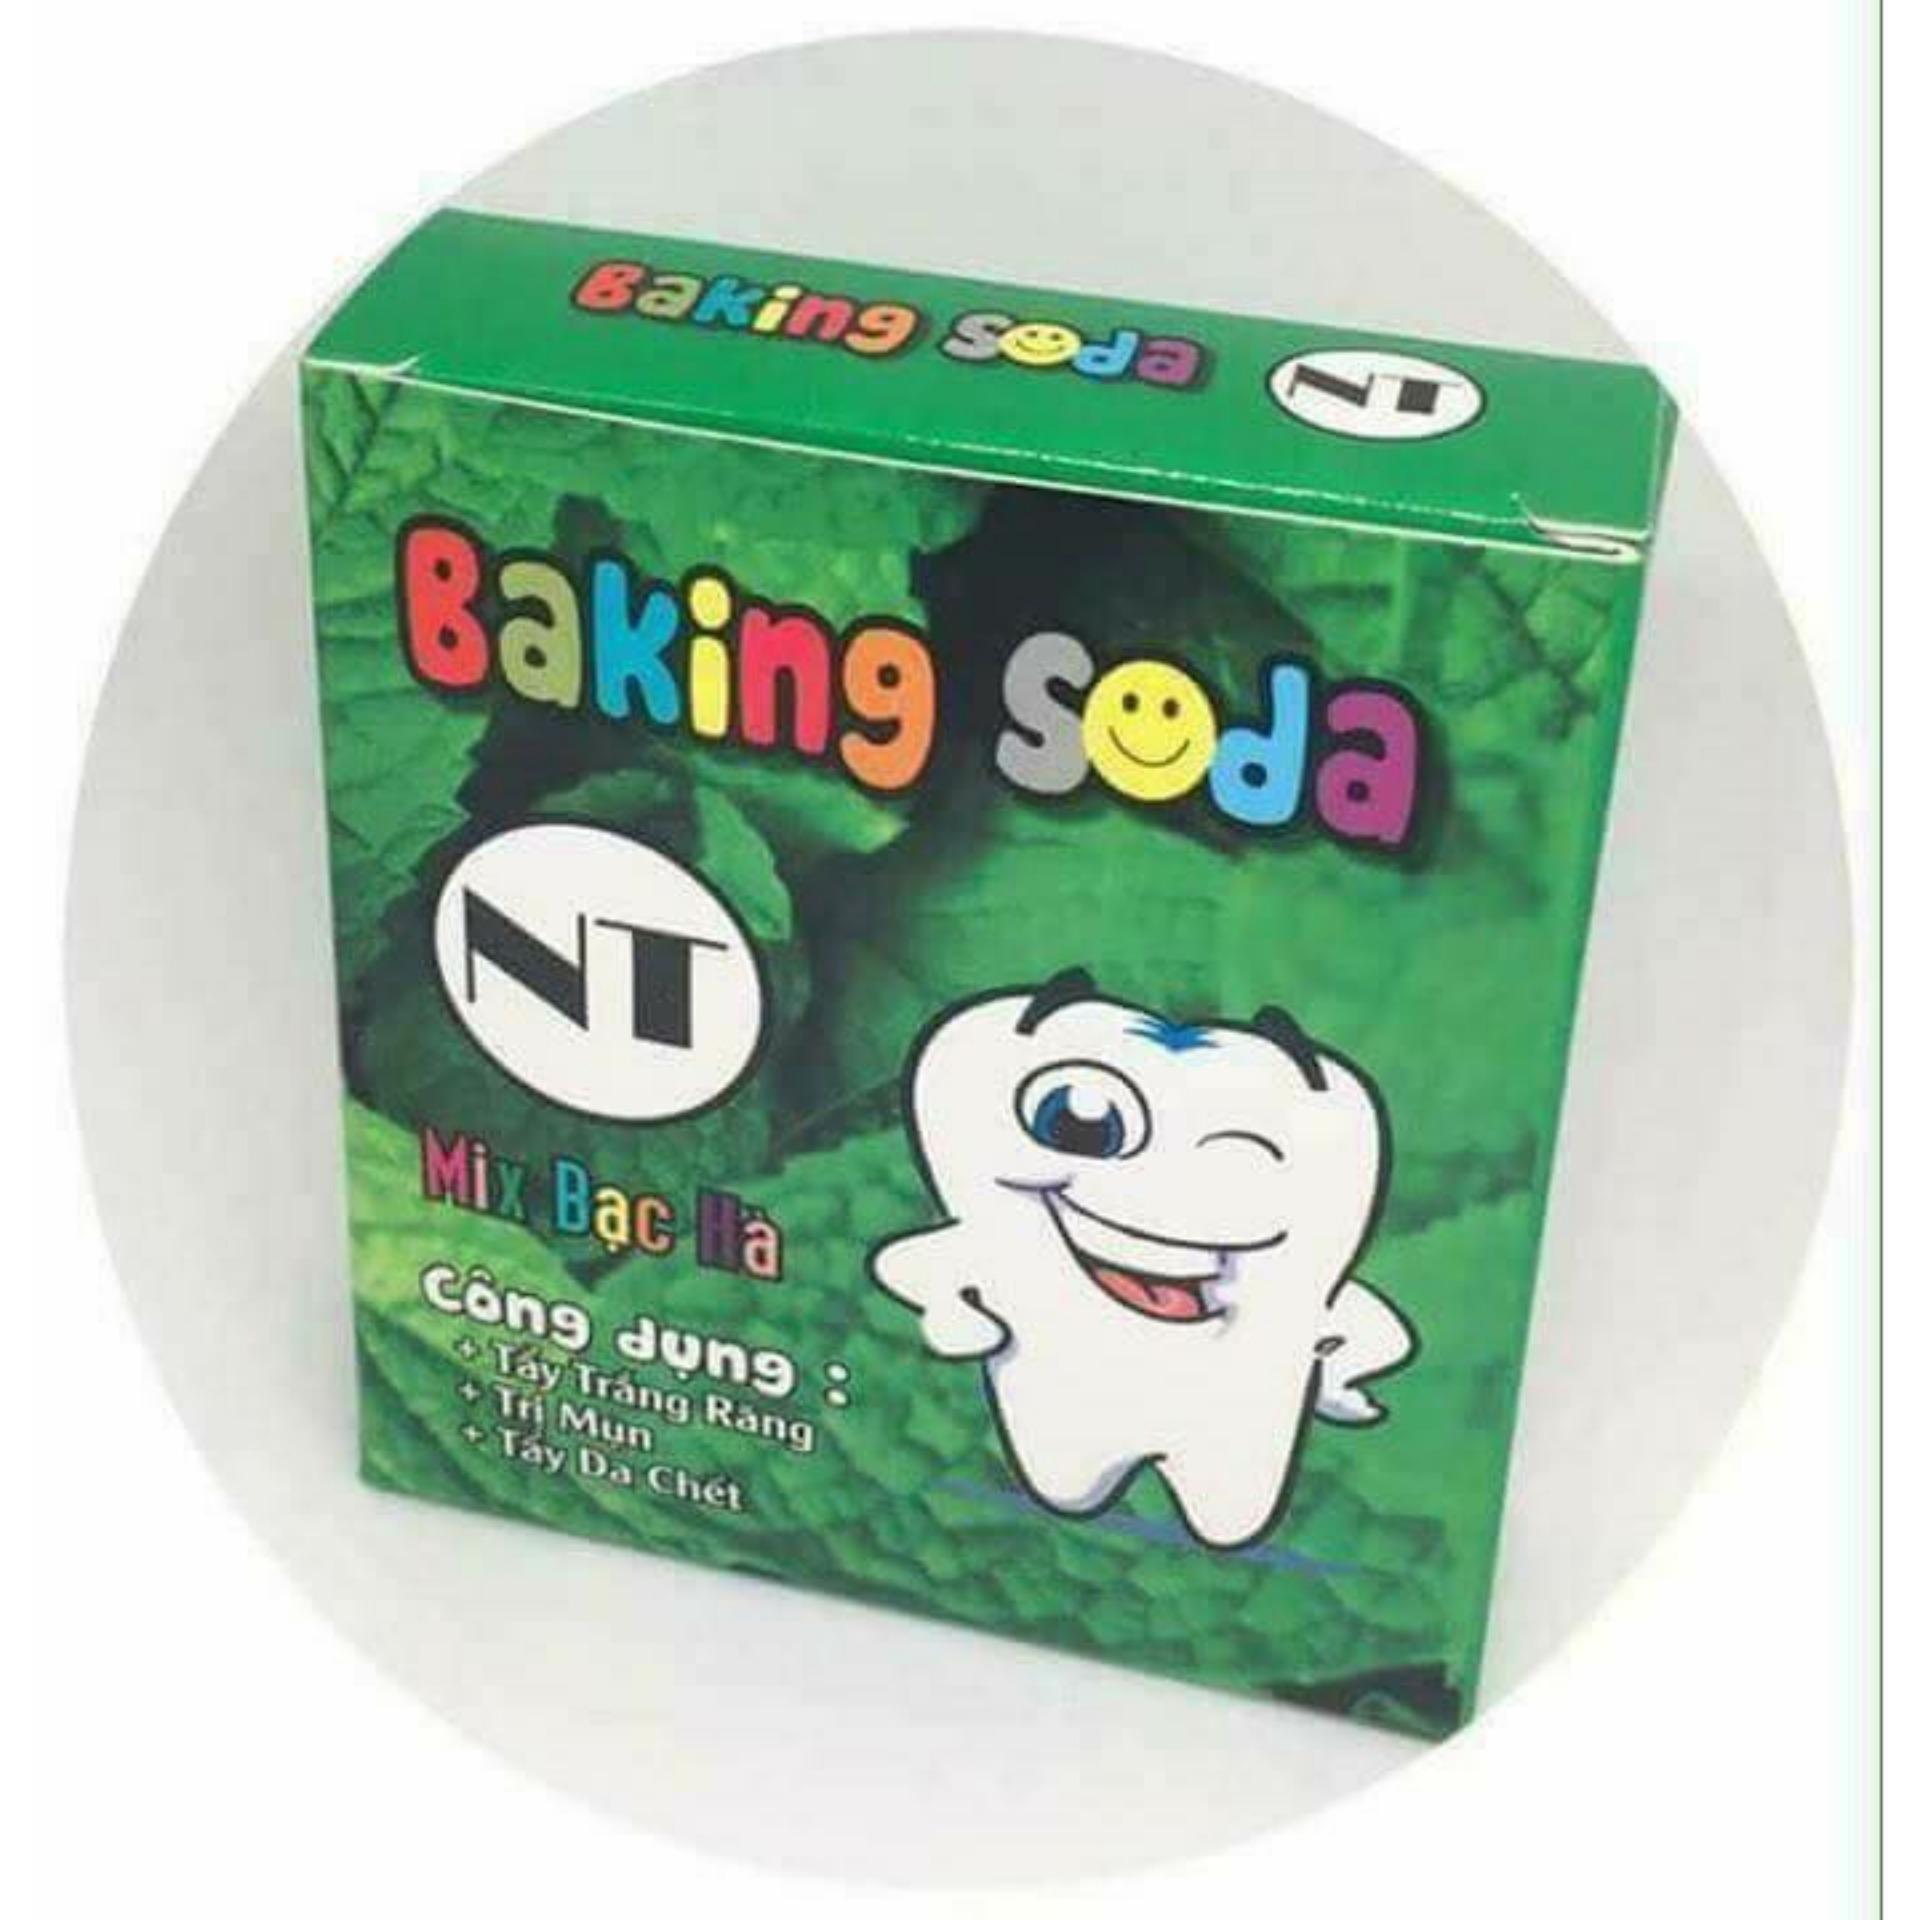 Bột làm trắng răng Baking soda Mix Bạc Hà 50g